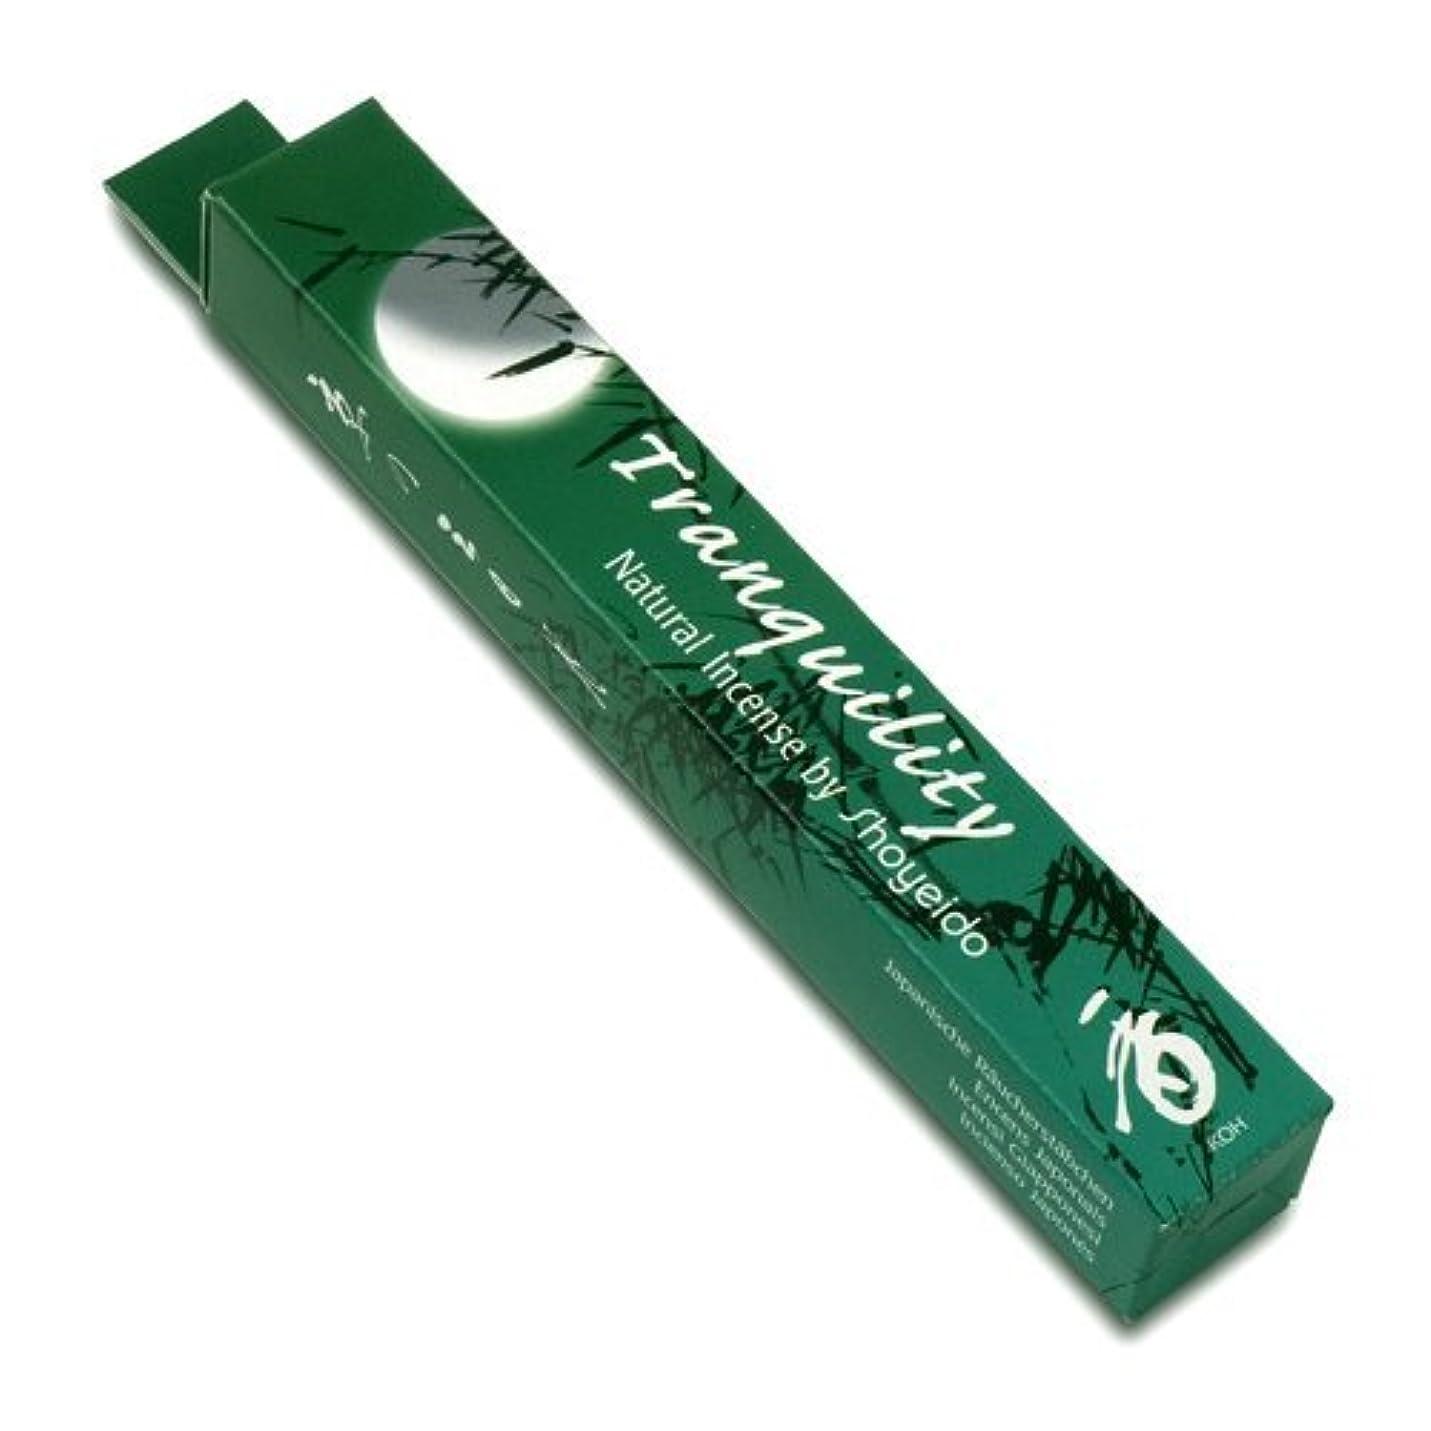 言語息苦しい小競り合いShoyeido's Tranquility Incense 40 sticks - Kyoto Moon Series [並行輸入品]